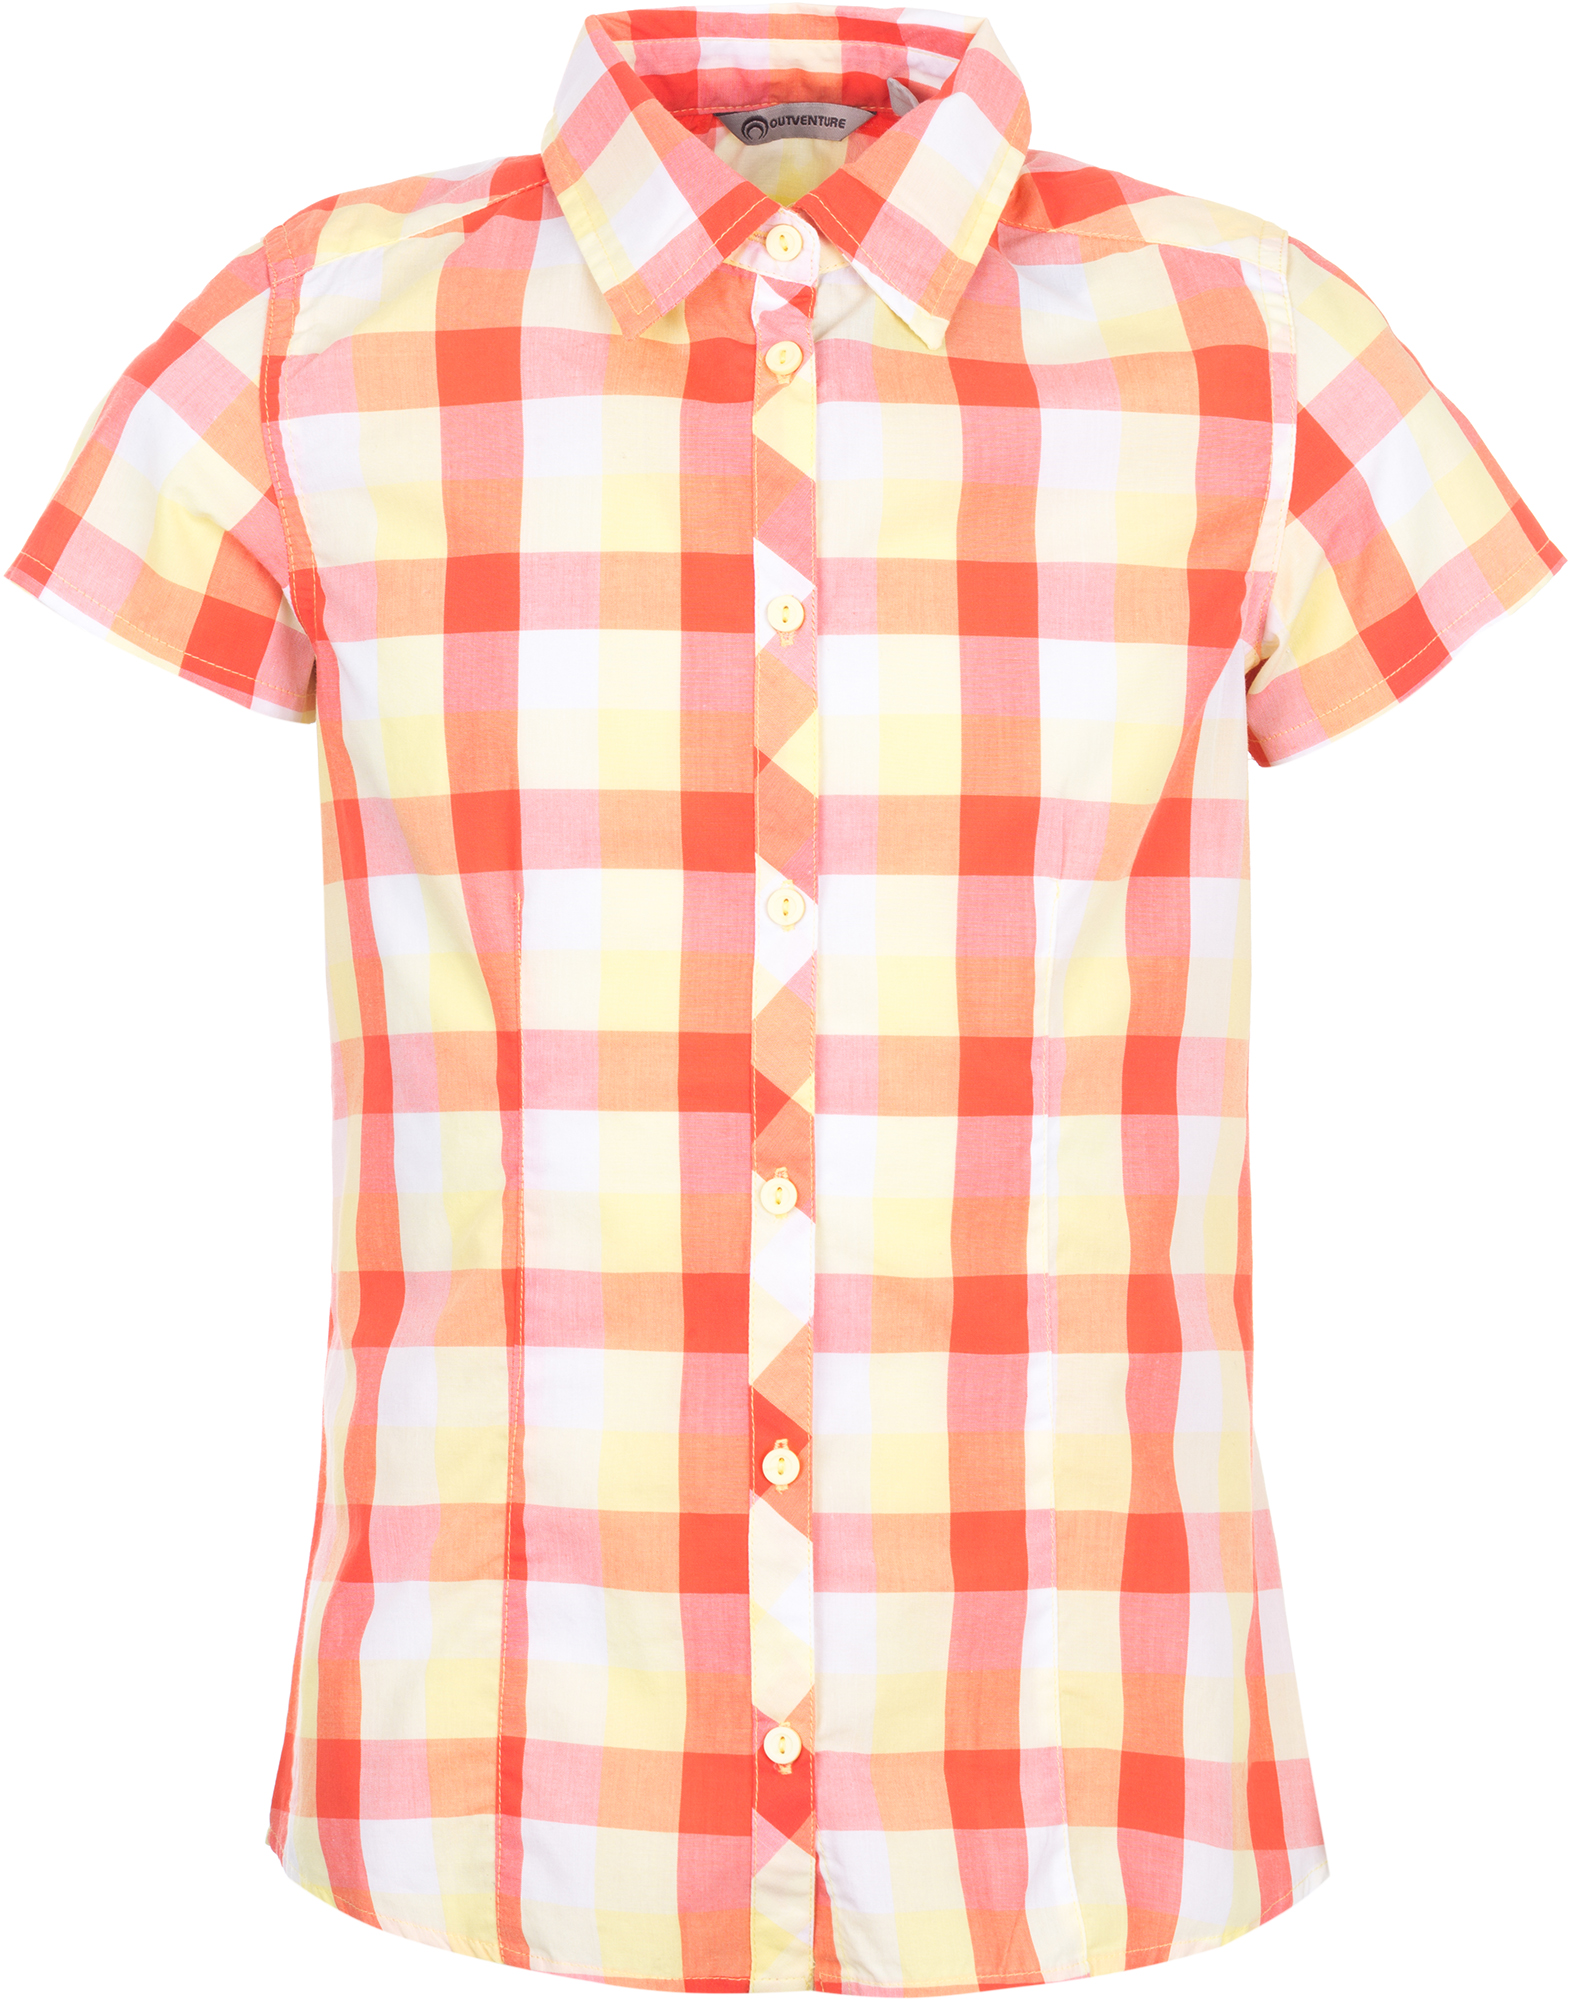 Outventure Рубашка для девочек Outventure, размер 164